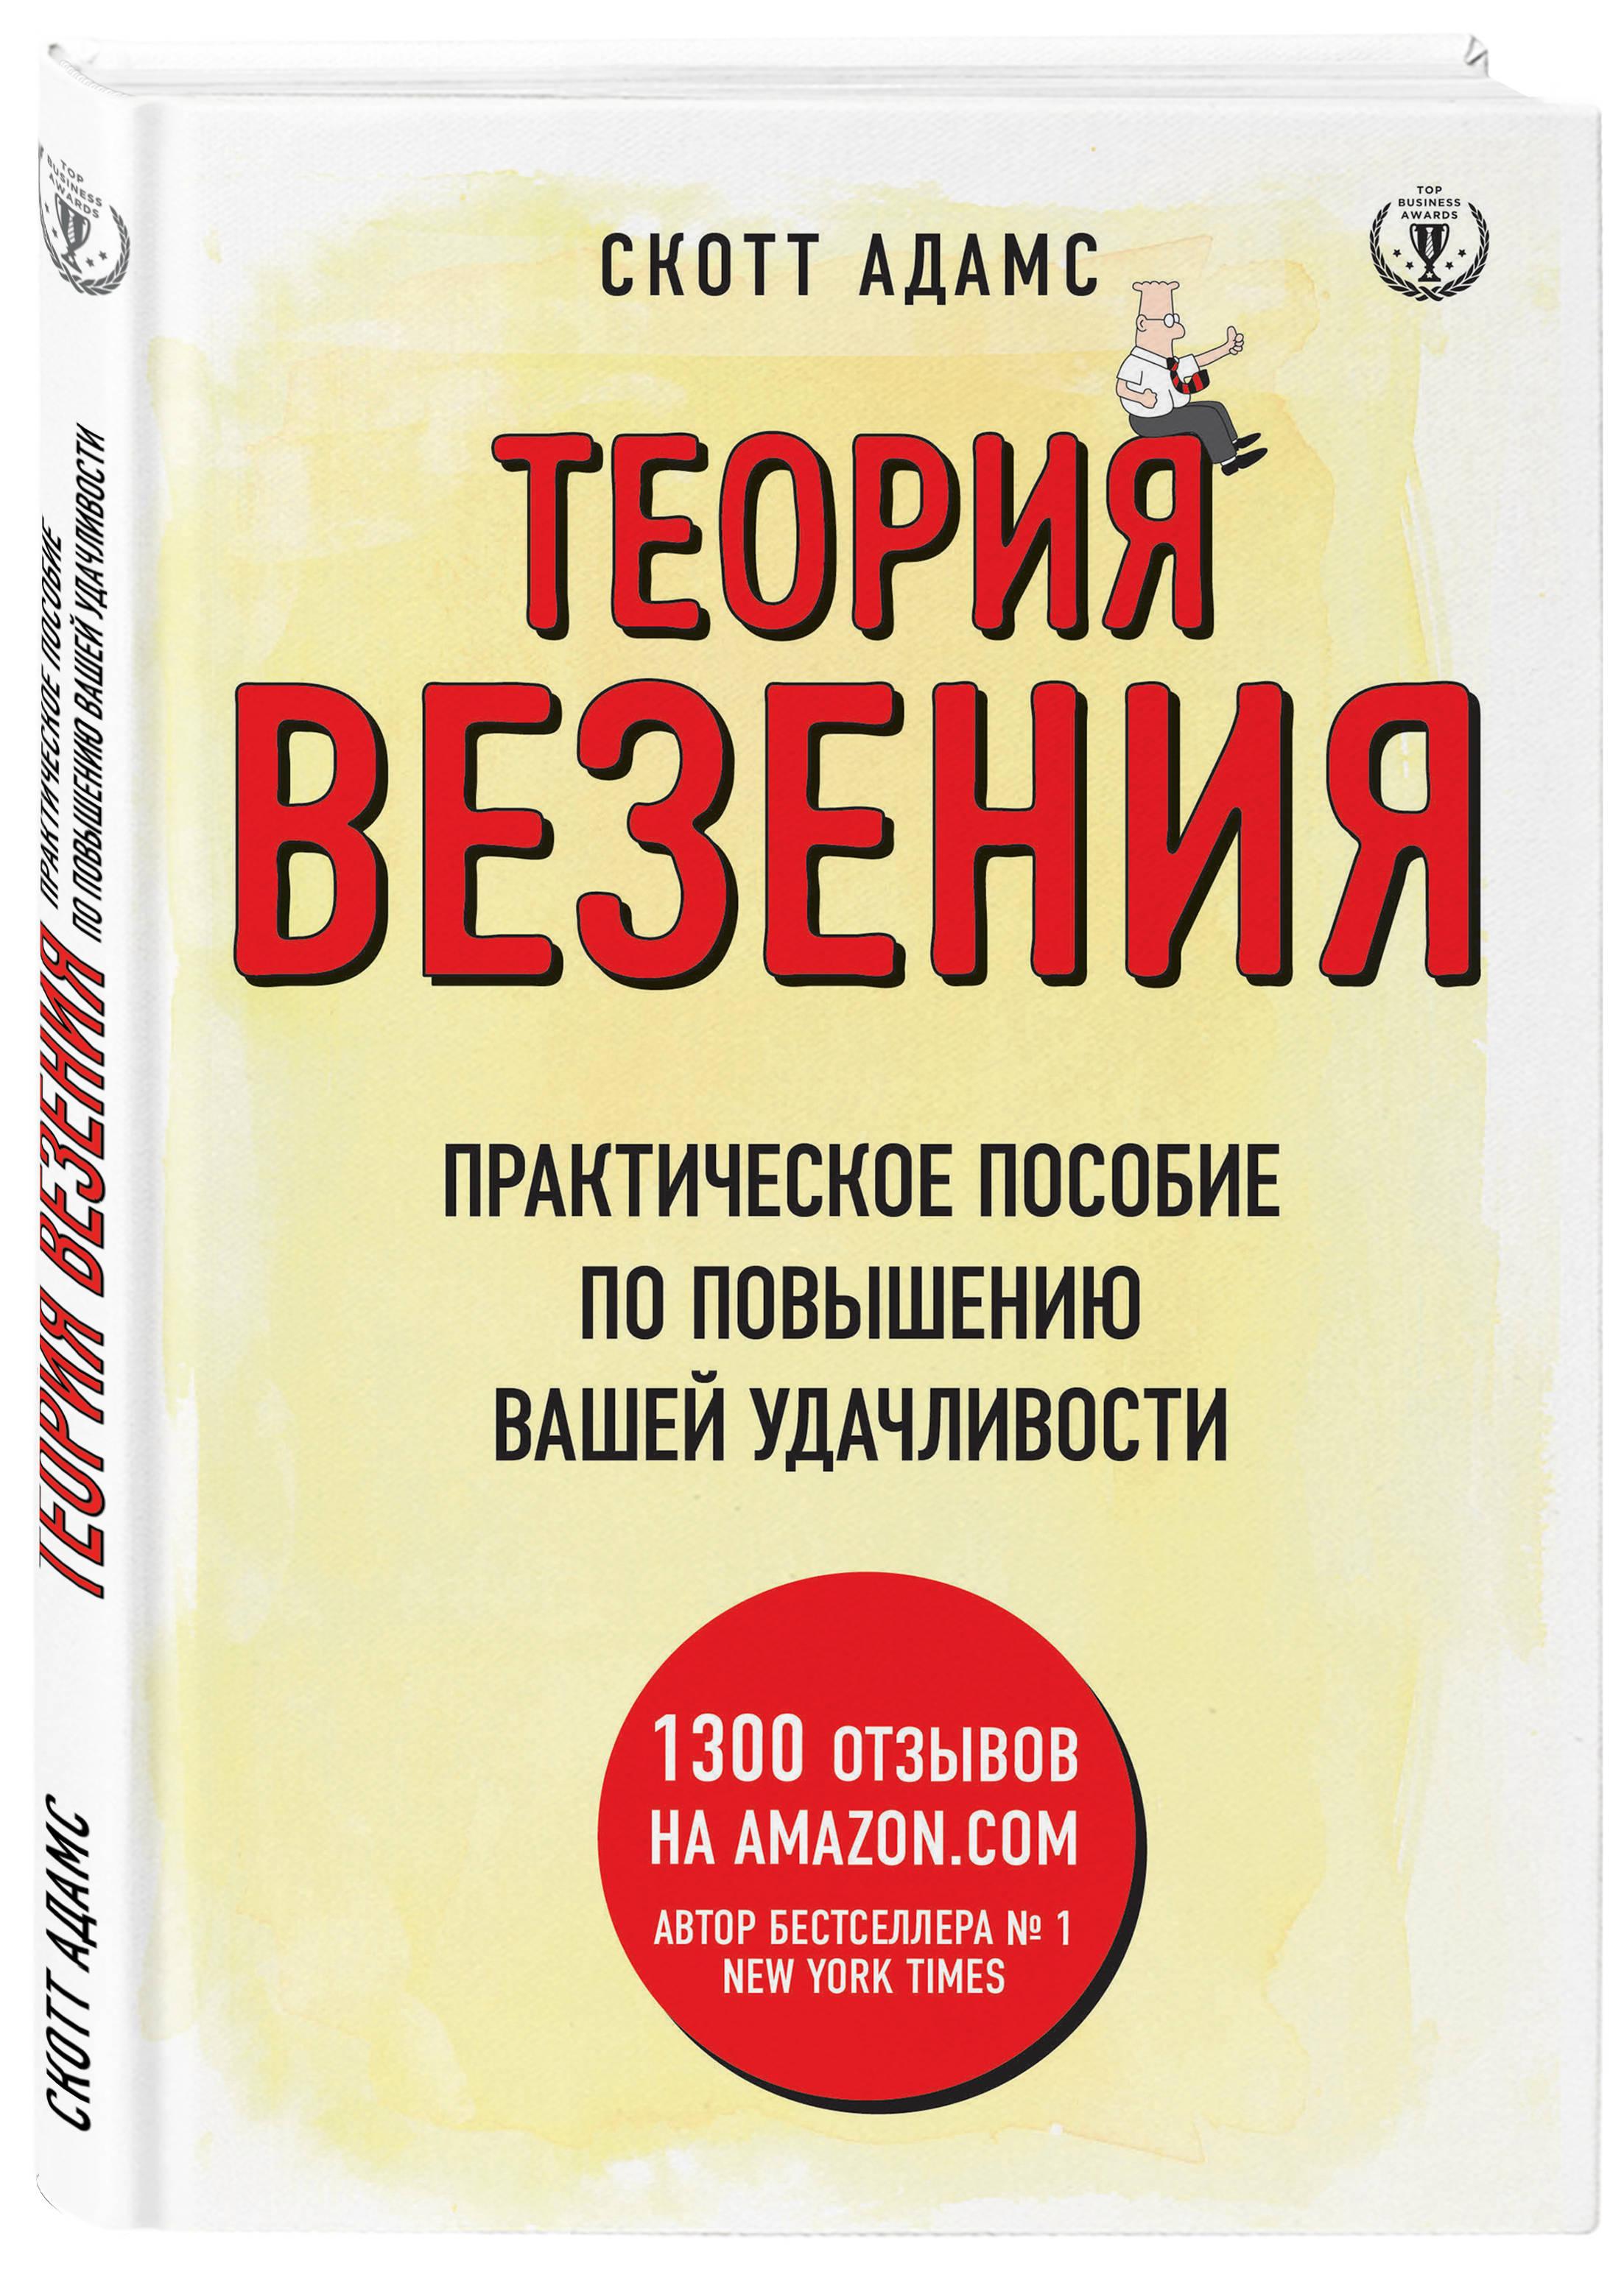 Теория везения. Практическое пособие по повышению вашей удачливости от book24.ru